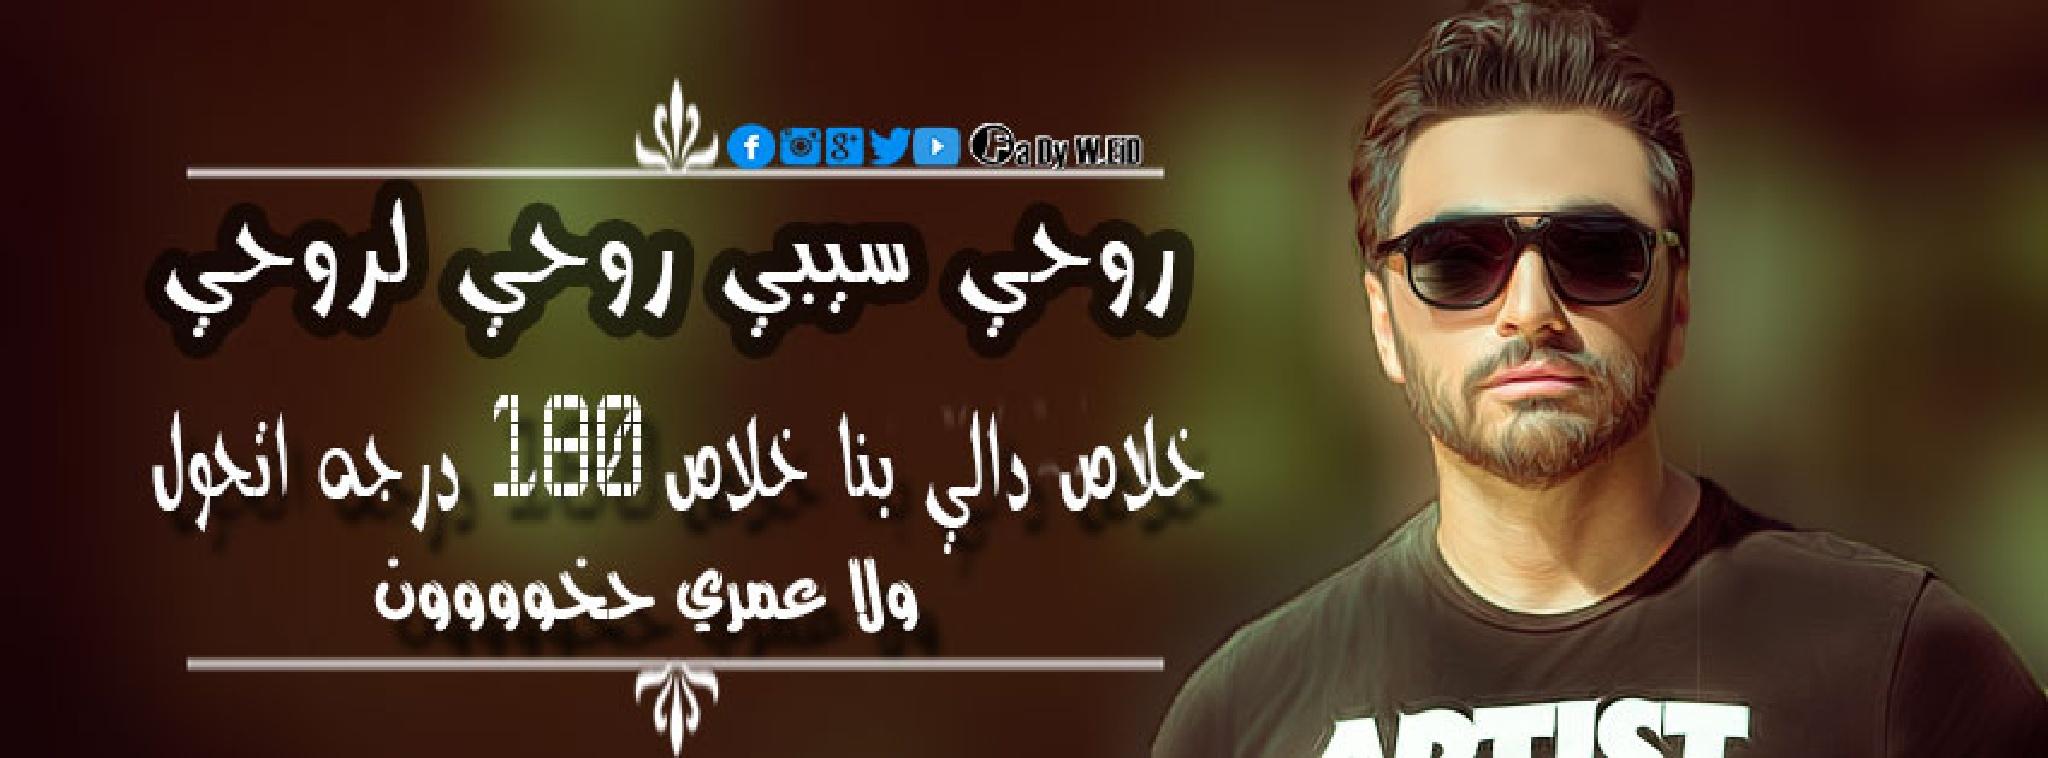 #My new Desighn by FaDy W. Eid